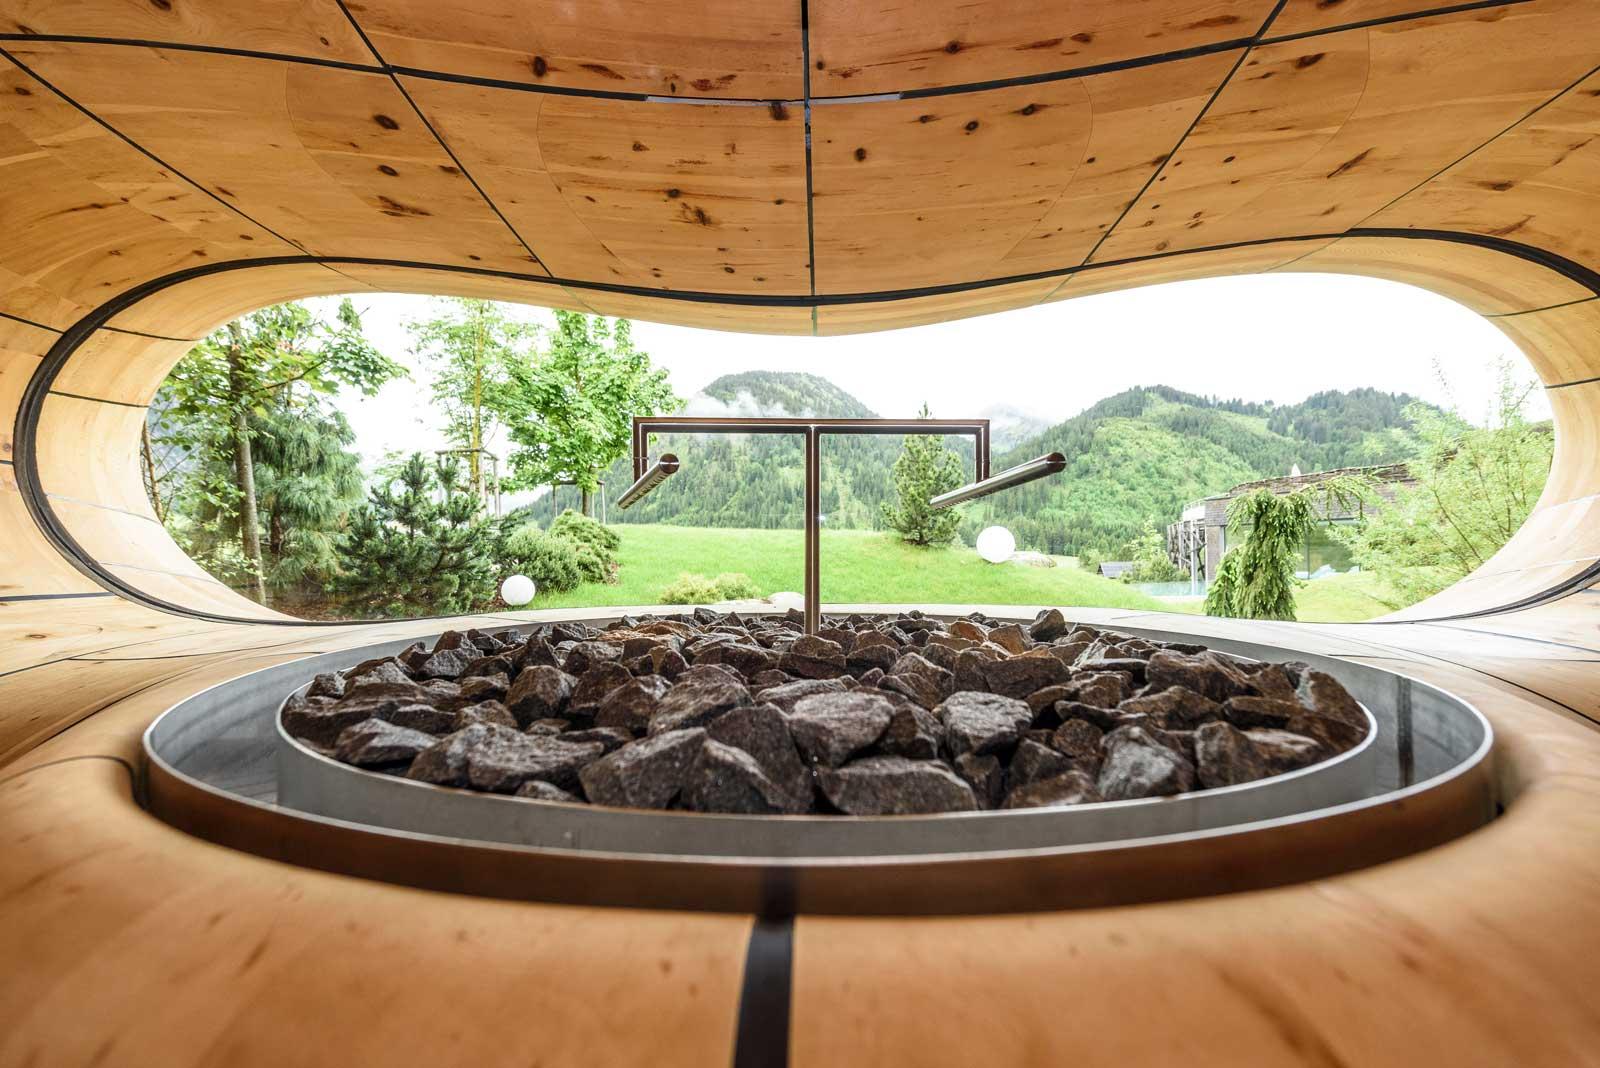 fineheat Saunamanufaktur: Außensauna nach Maß